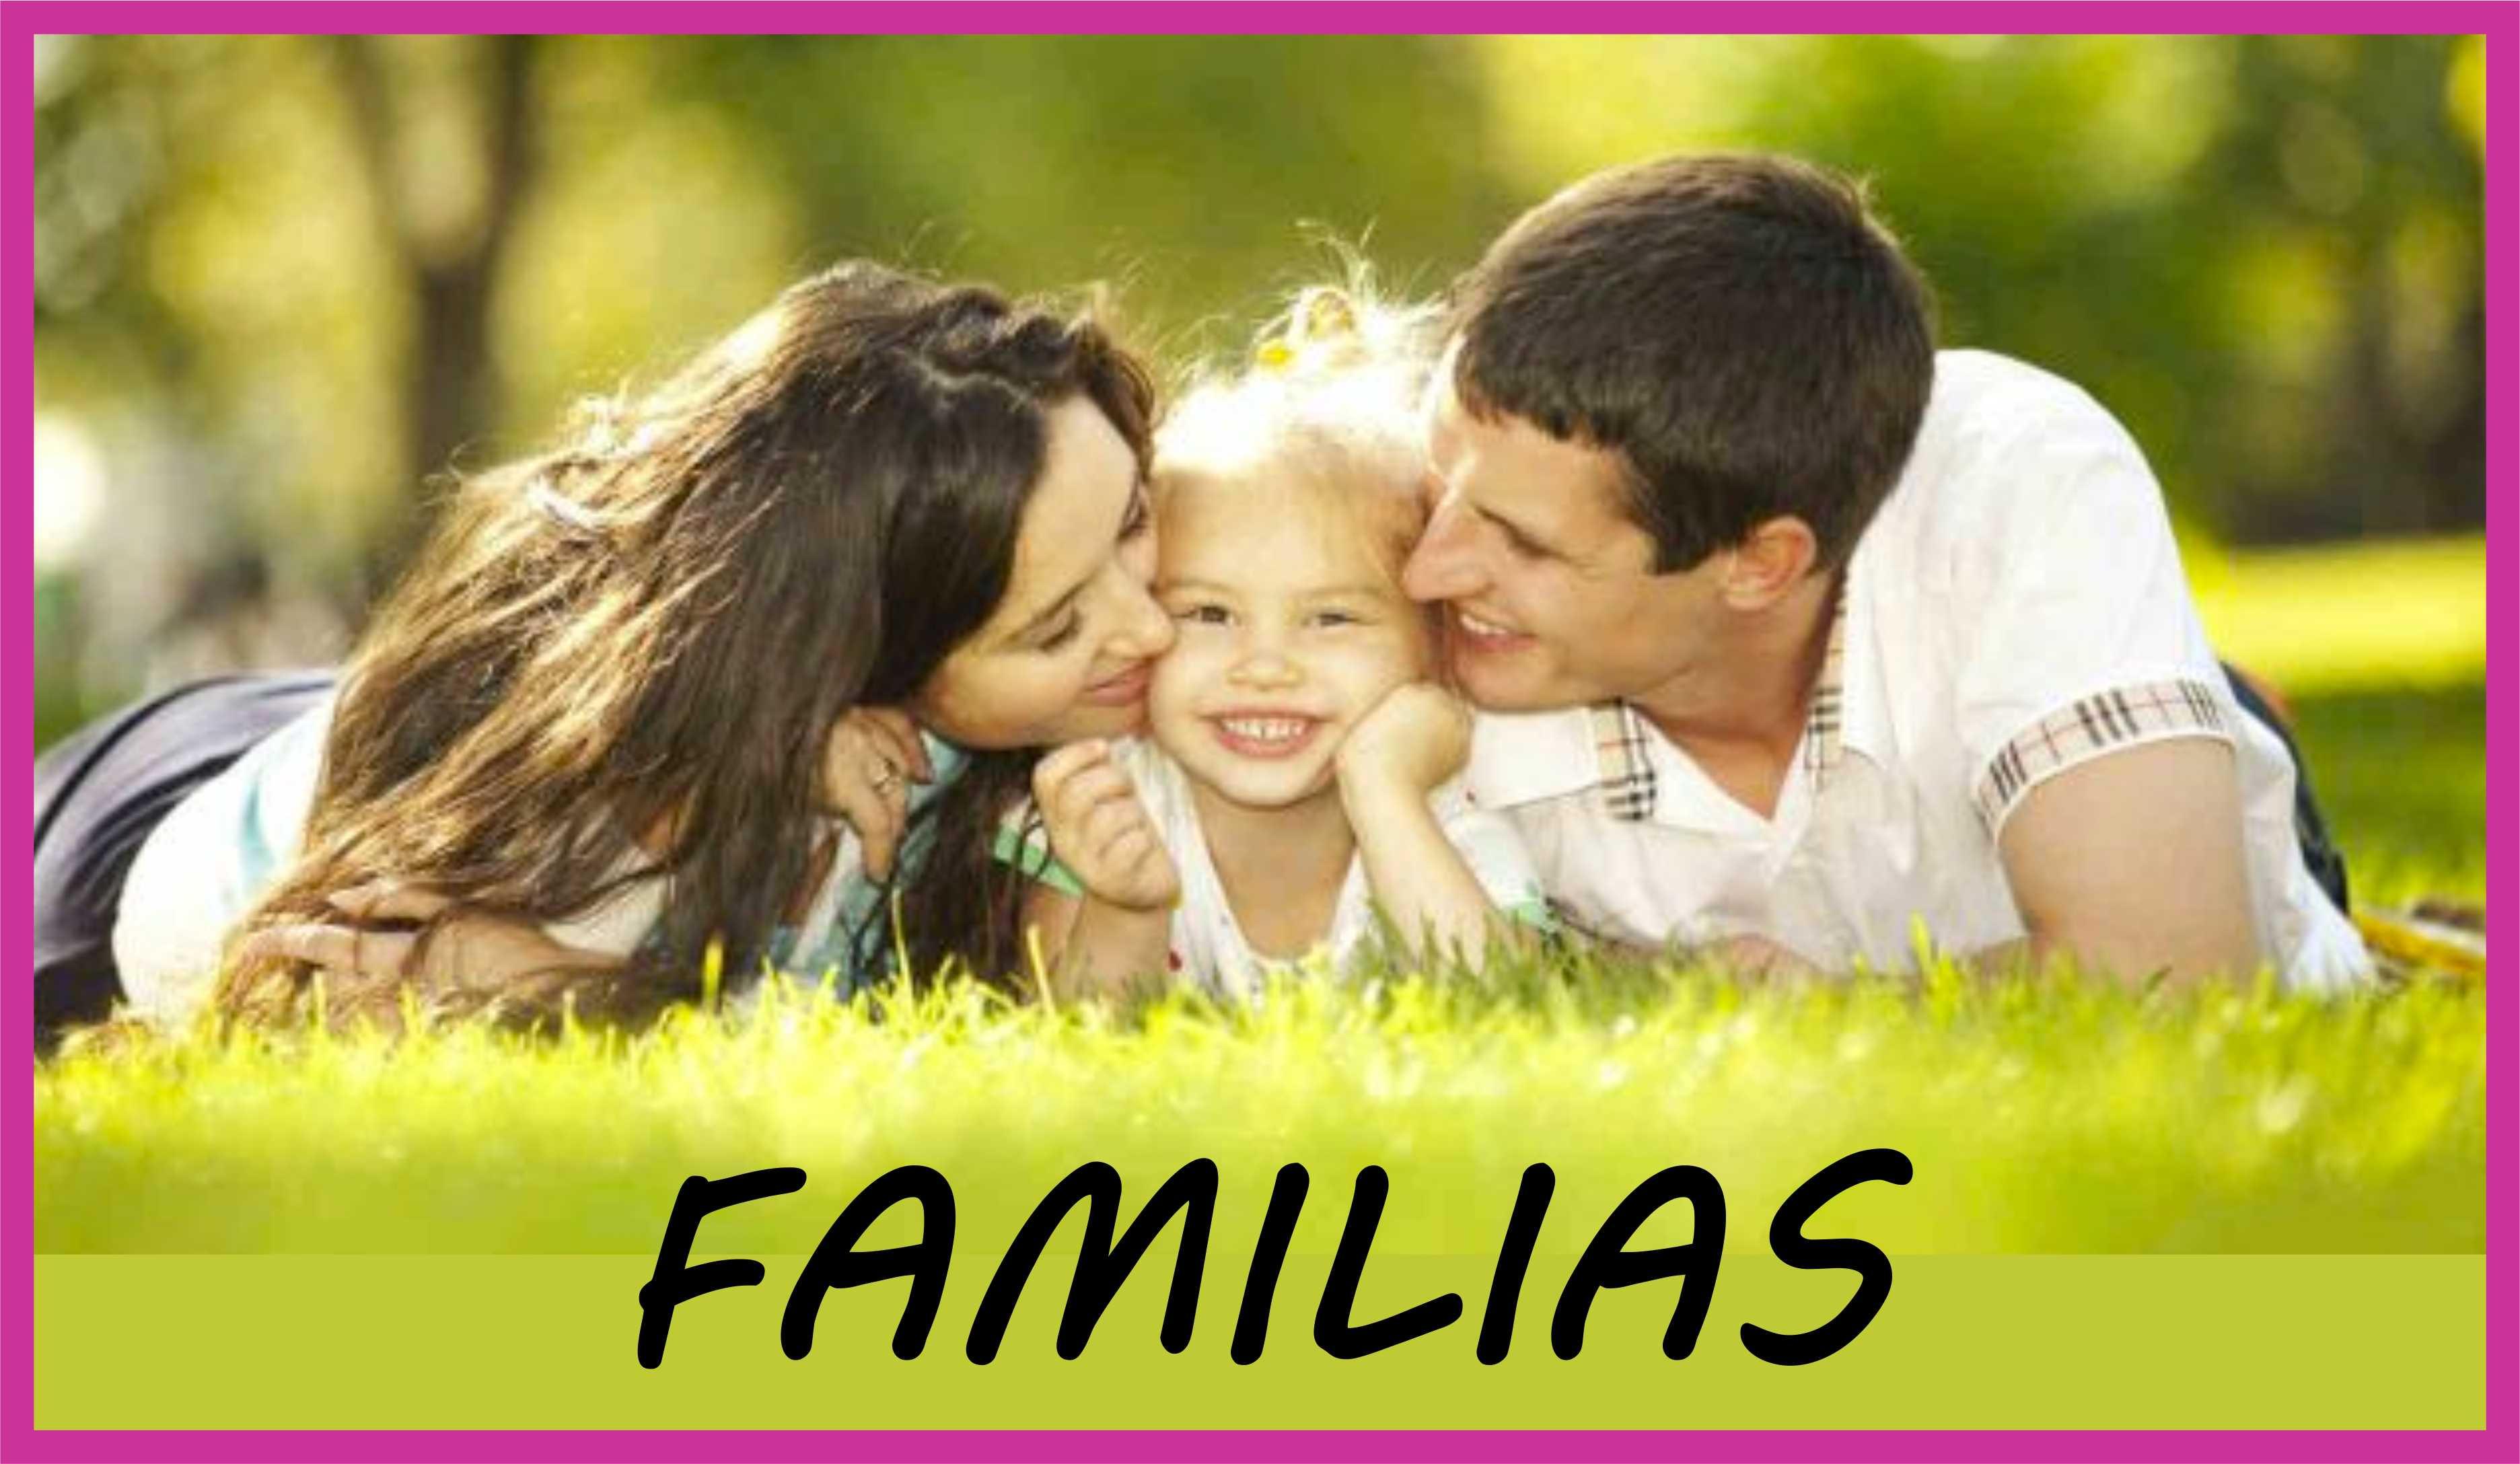 Taller de familias con niños en Sevilla